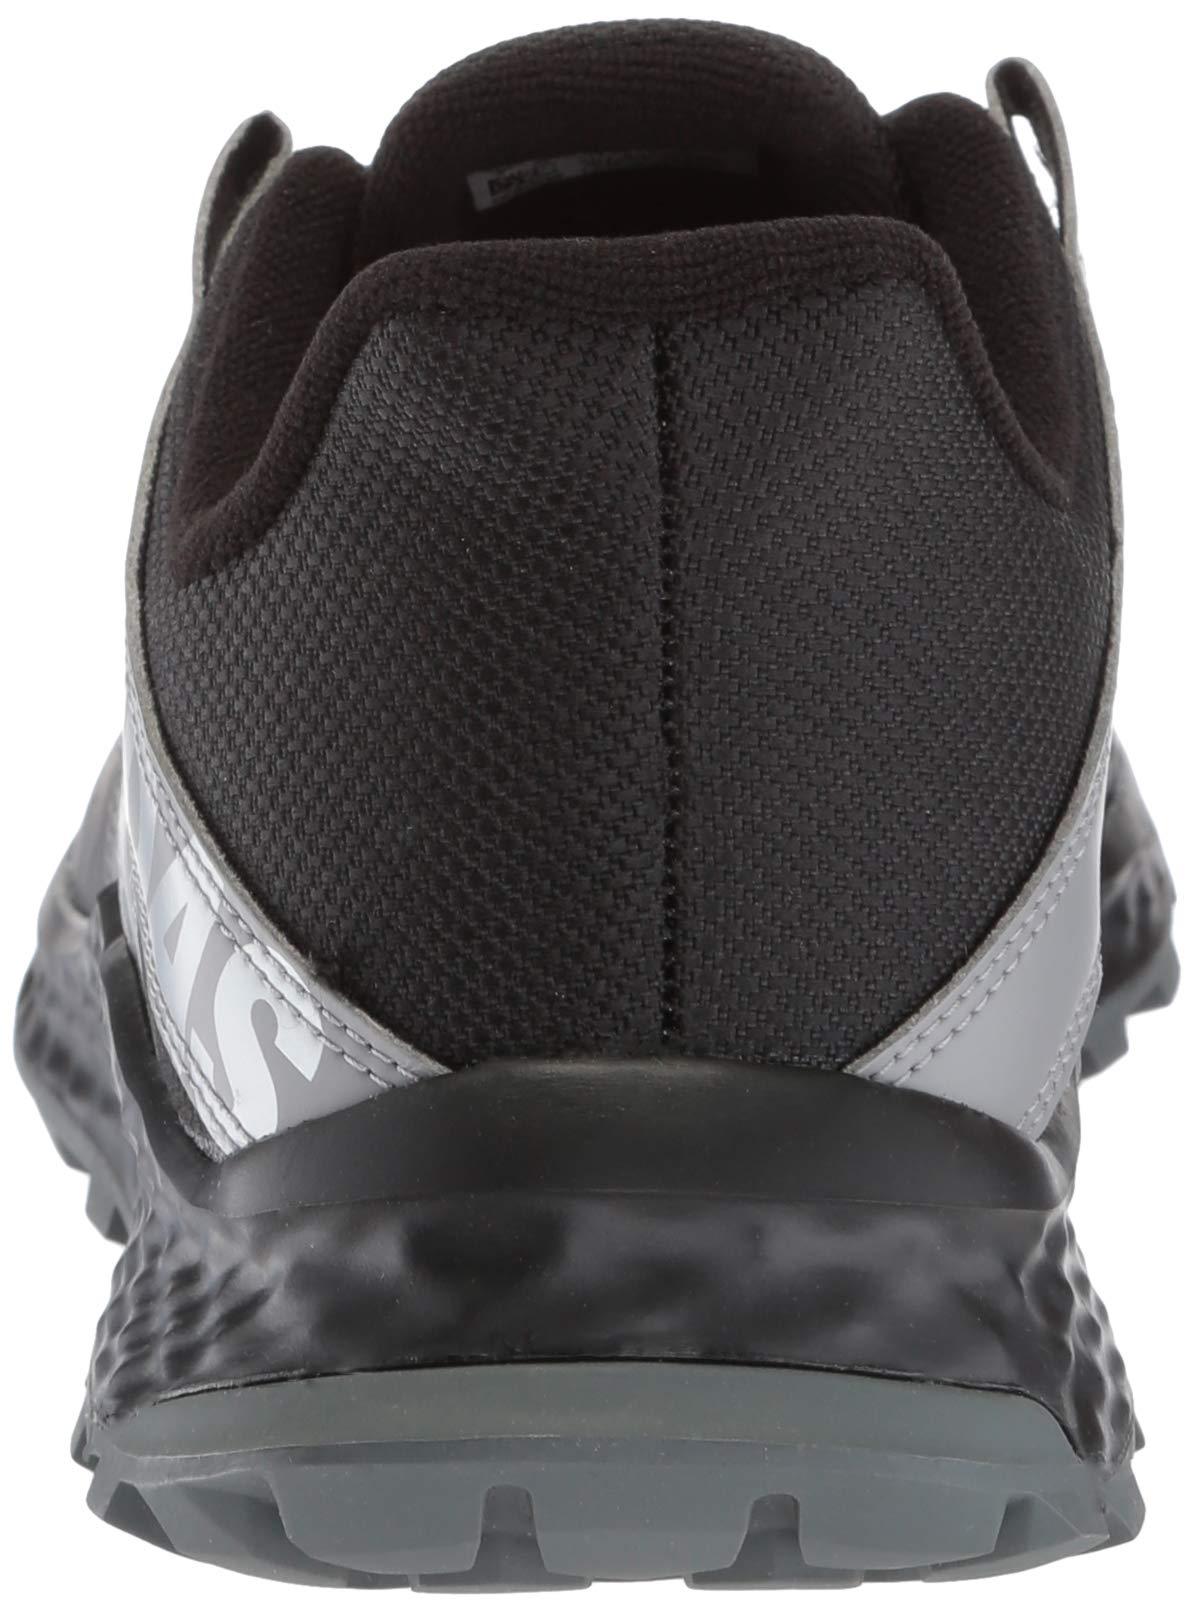 3b4e9489d27b5 adidas Boys  Vigor Bounce c - B27605   Shoes   Clothing